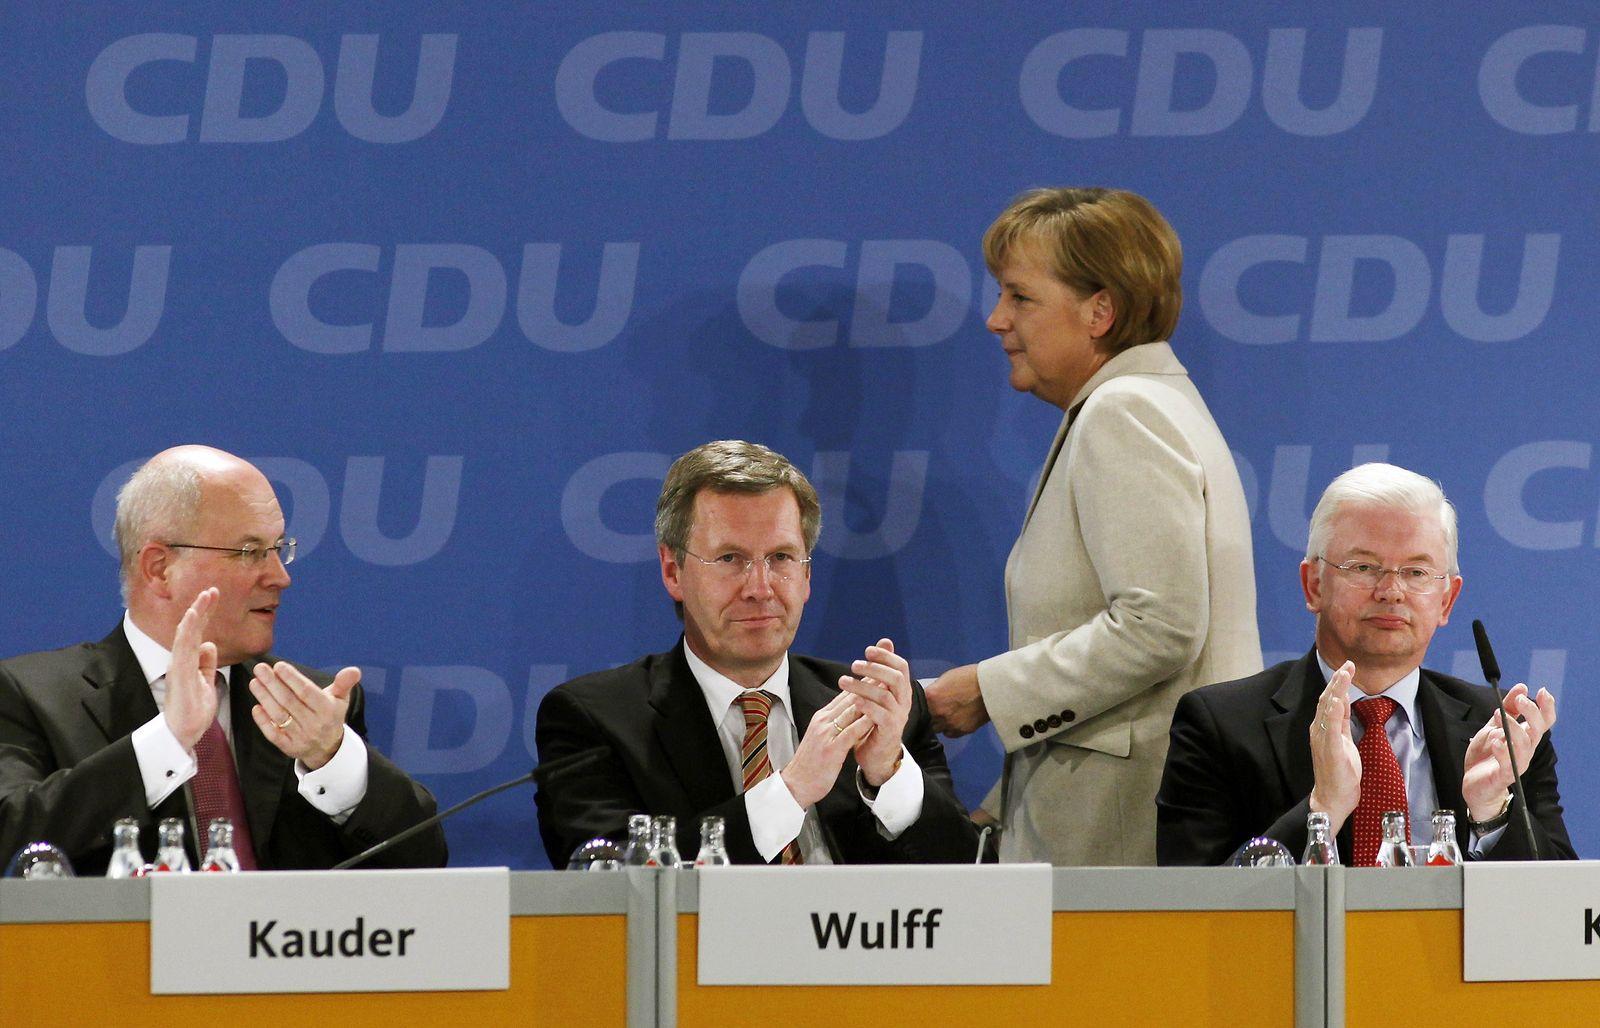 Merkel / Koch / Wulff